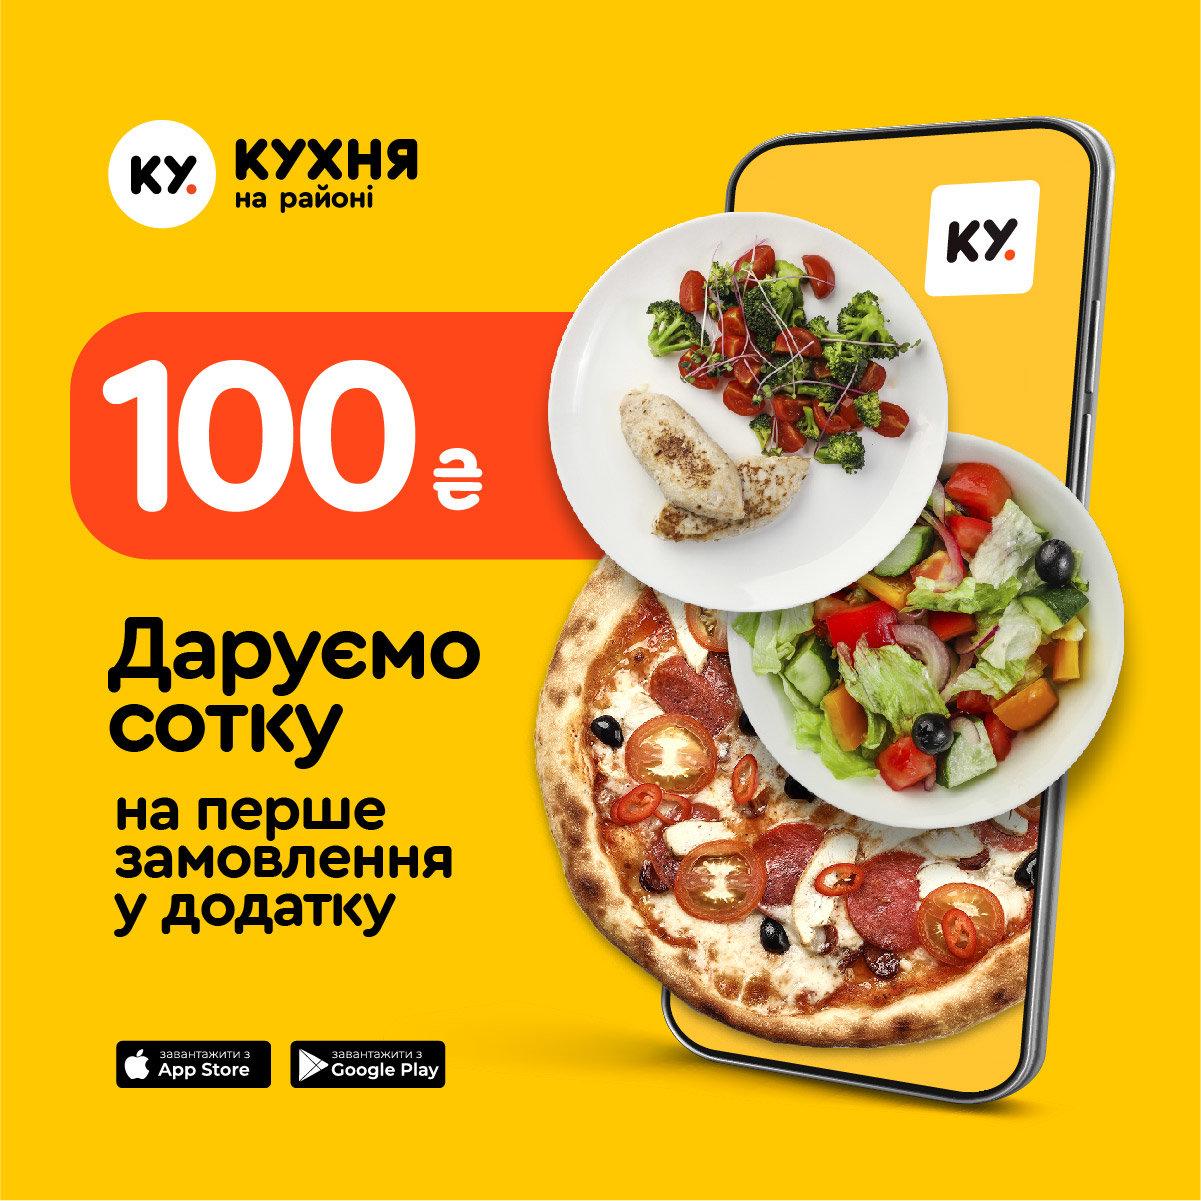 Доставка еды в Харькова, заказ вкусной еды на дом, фото-1